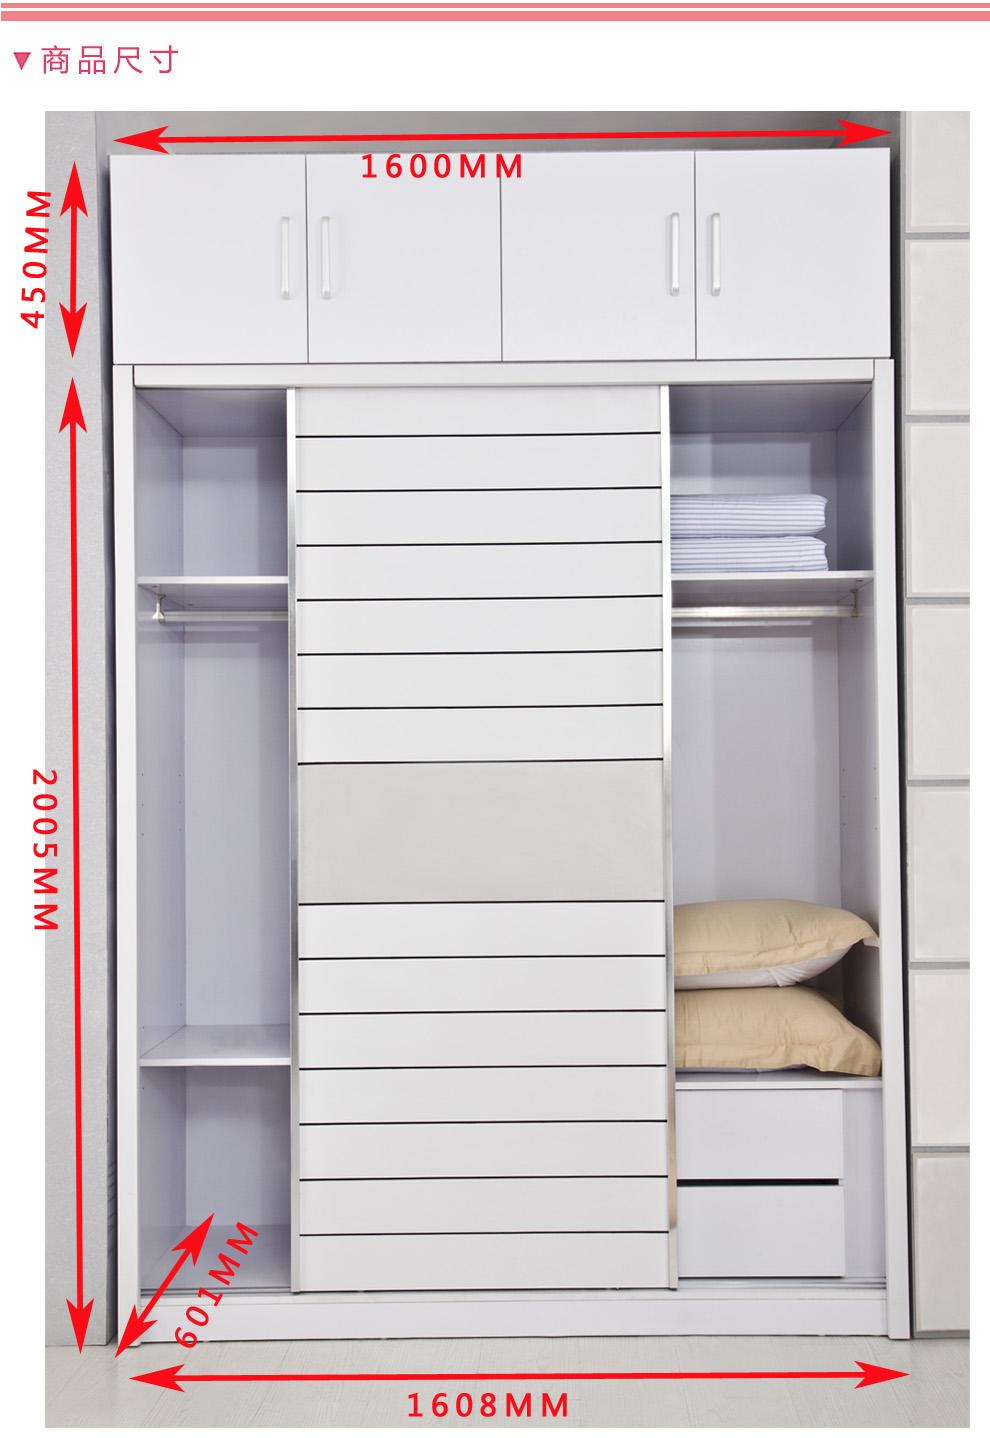 超实用衣柜内部结构设计图